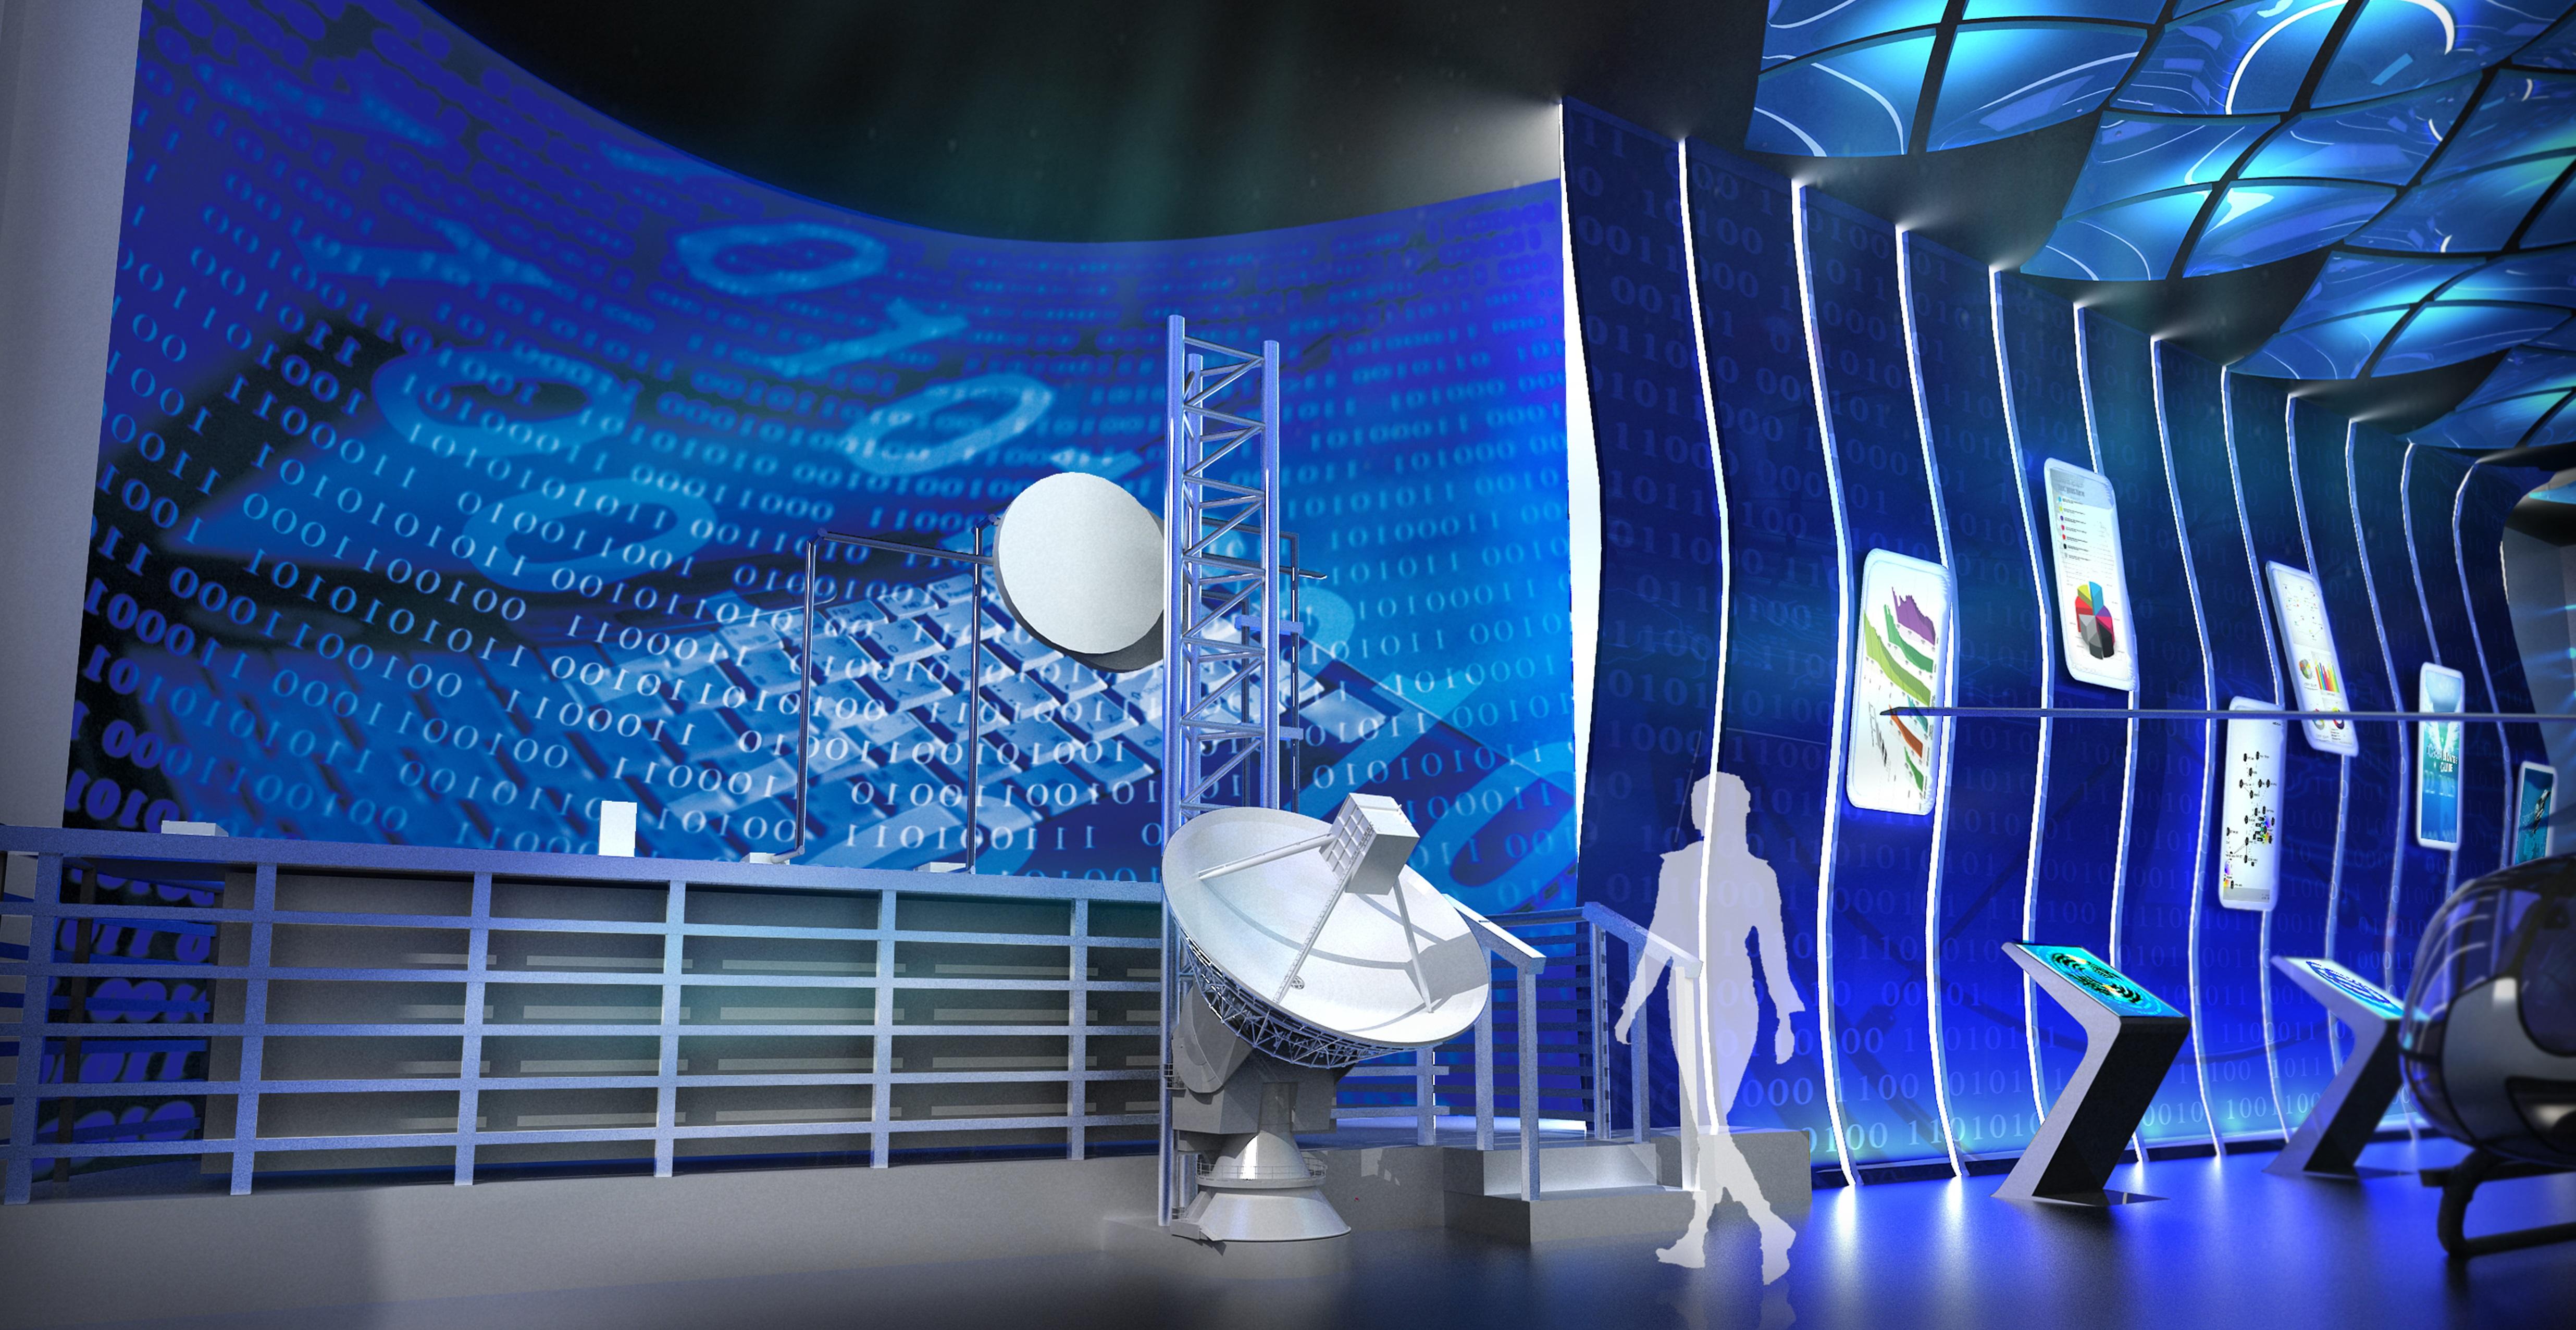 科技生活展馆设计8